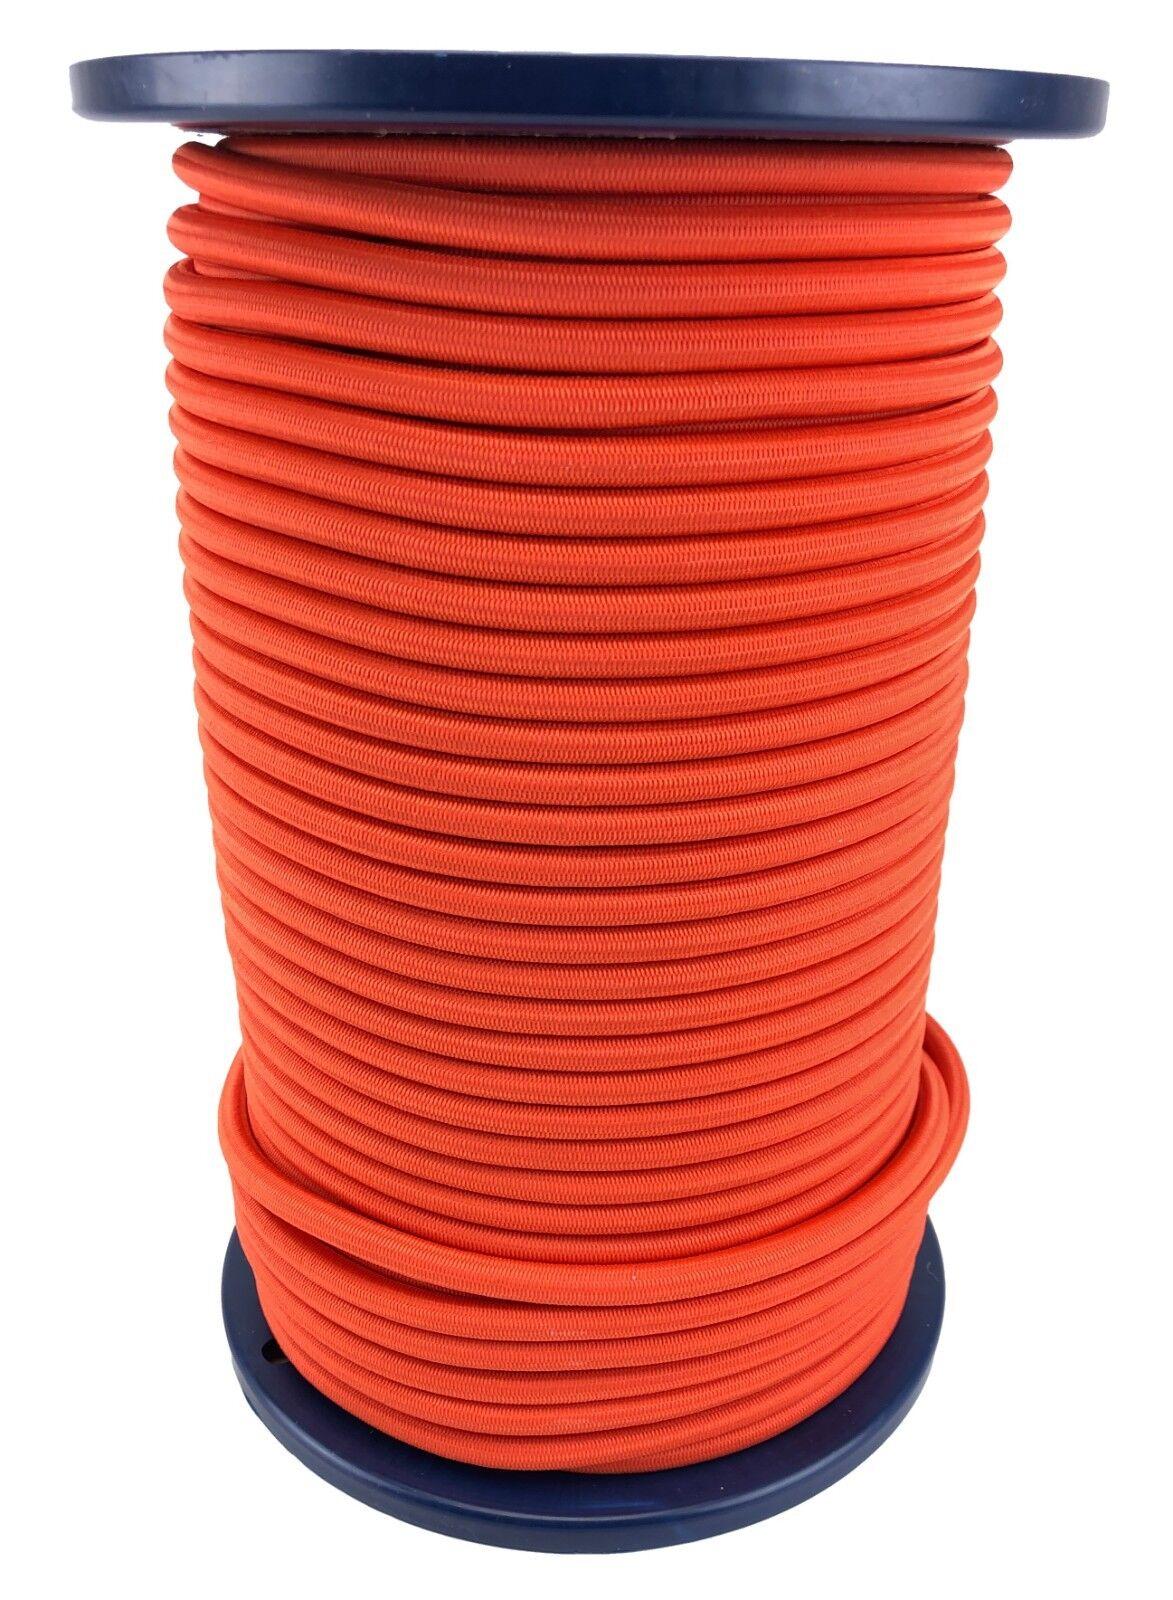 8mm Arancione Bungee Elastico Corda Cordicella Elastica Corda UV Stabile